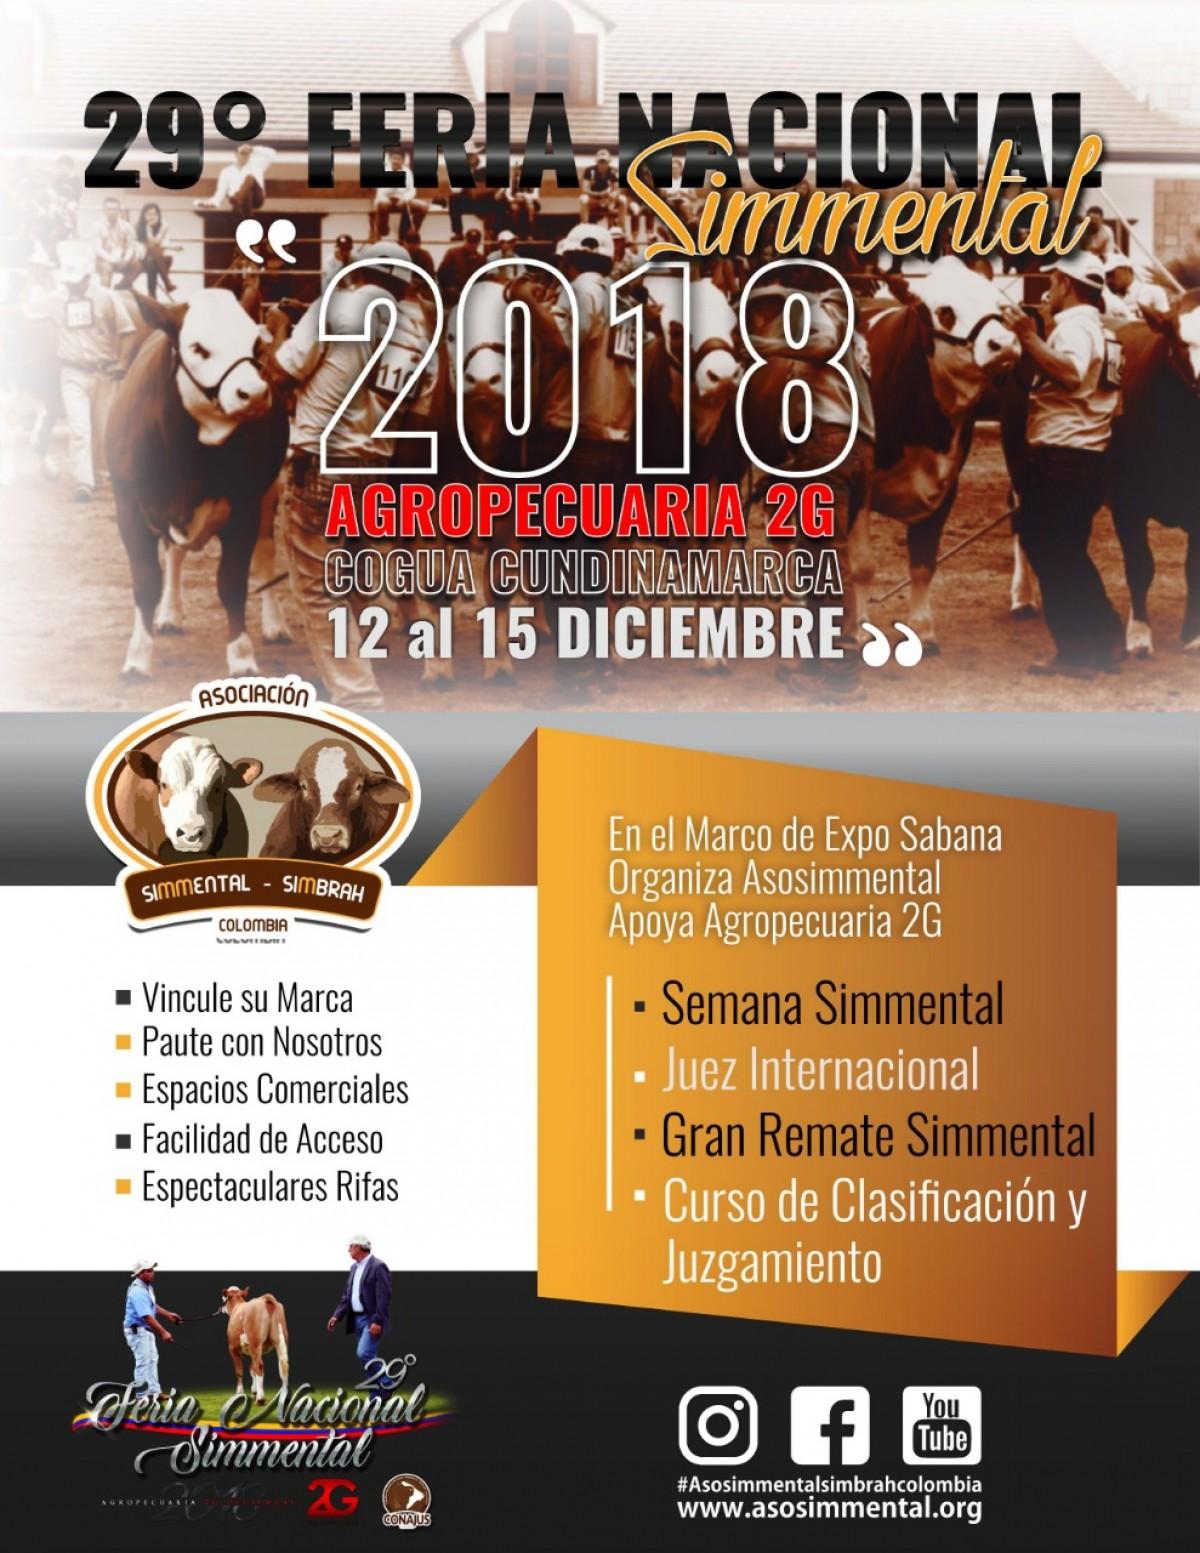 TRANSMISIÓN 29 Feria Nacional Simmental, 14 y 15 De Diciembre 2018